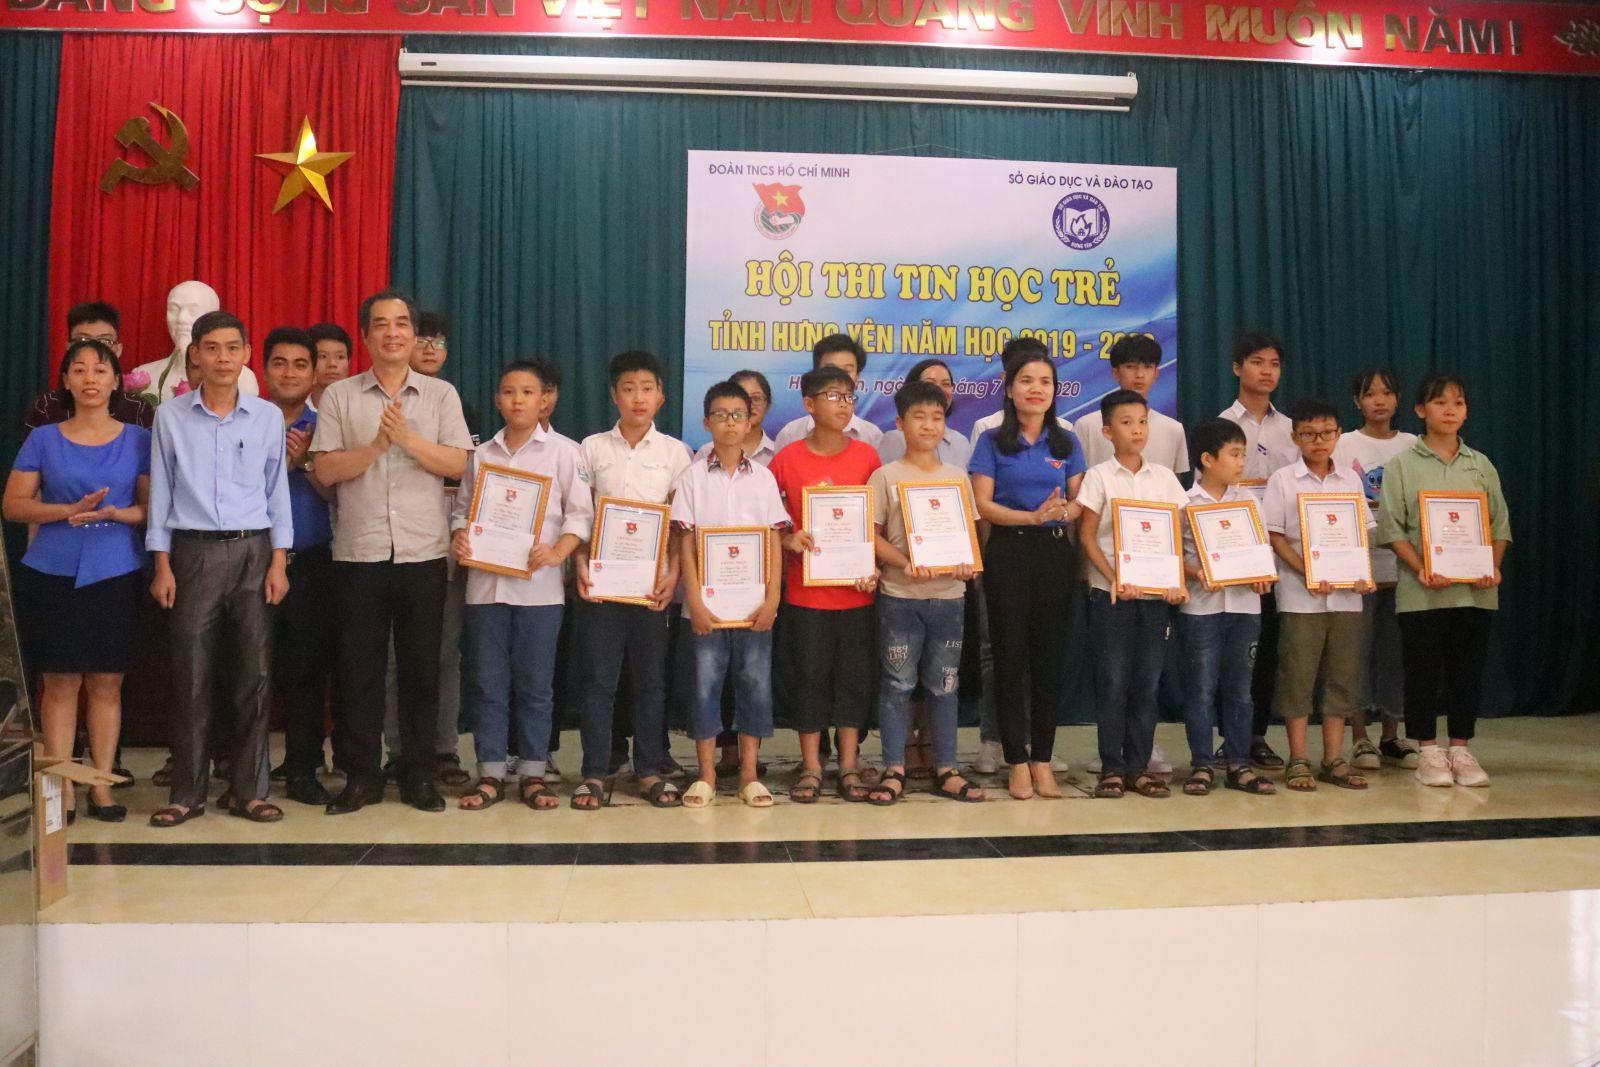 Tỉnh đoàn – Sở Giáo dục & đào tạo tỉnh Tổ chức Hội thi Tin học trẻ tỉnh Hưng Yên năm học 2019 – 2020